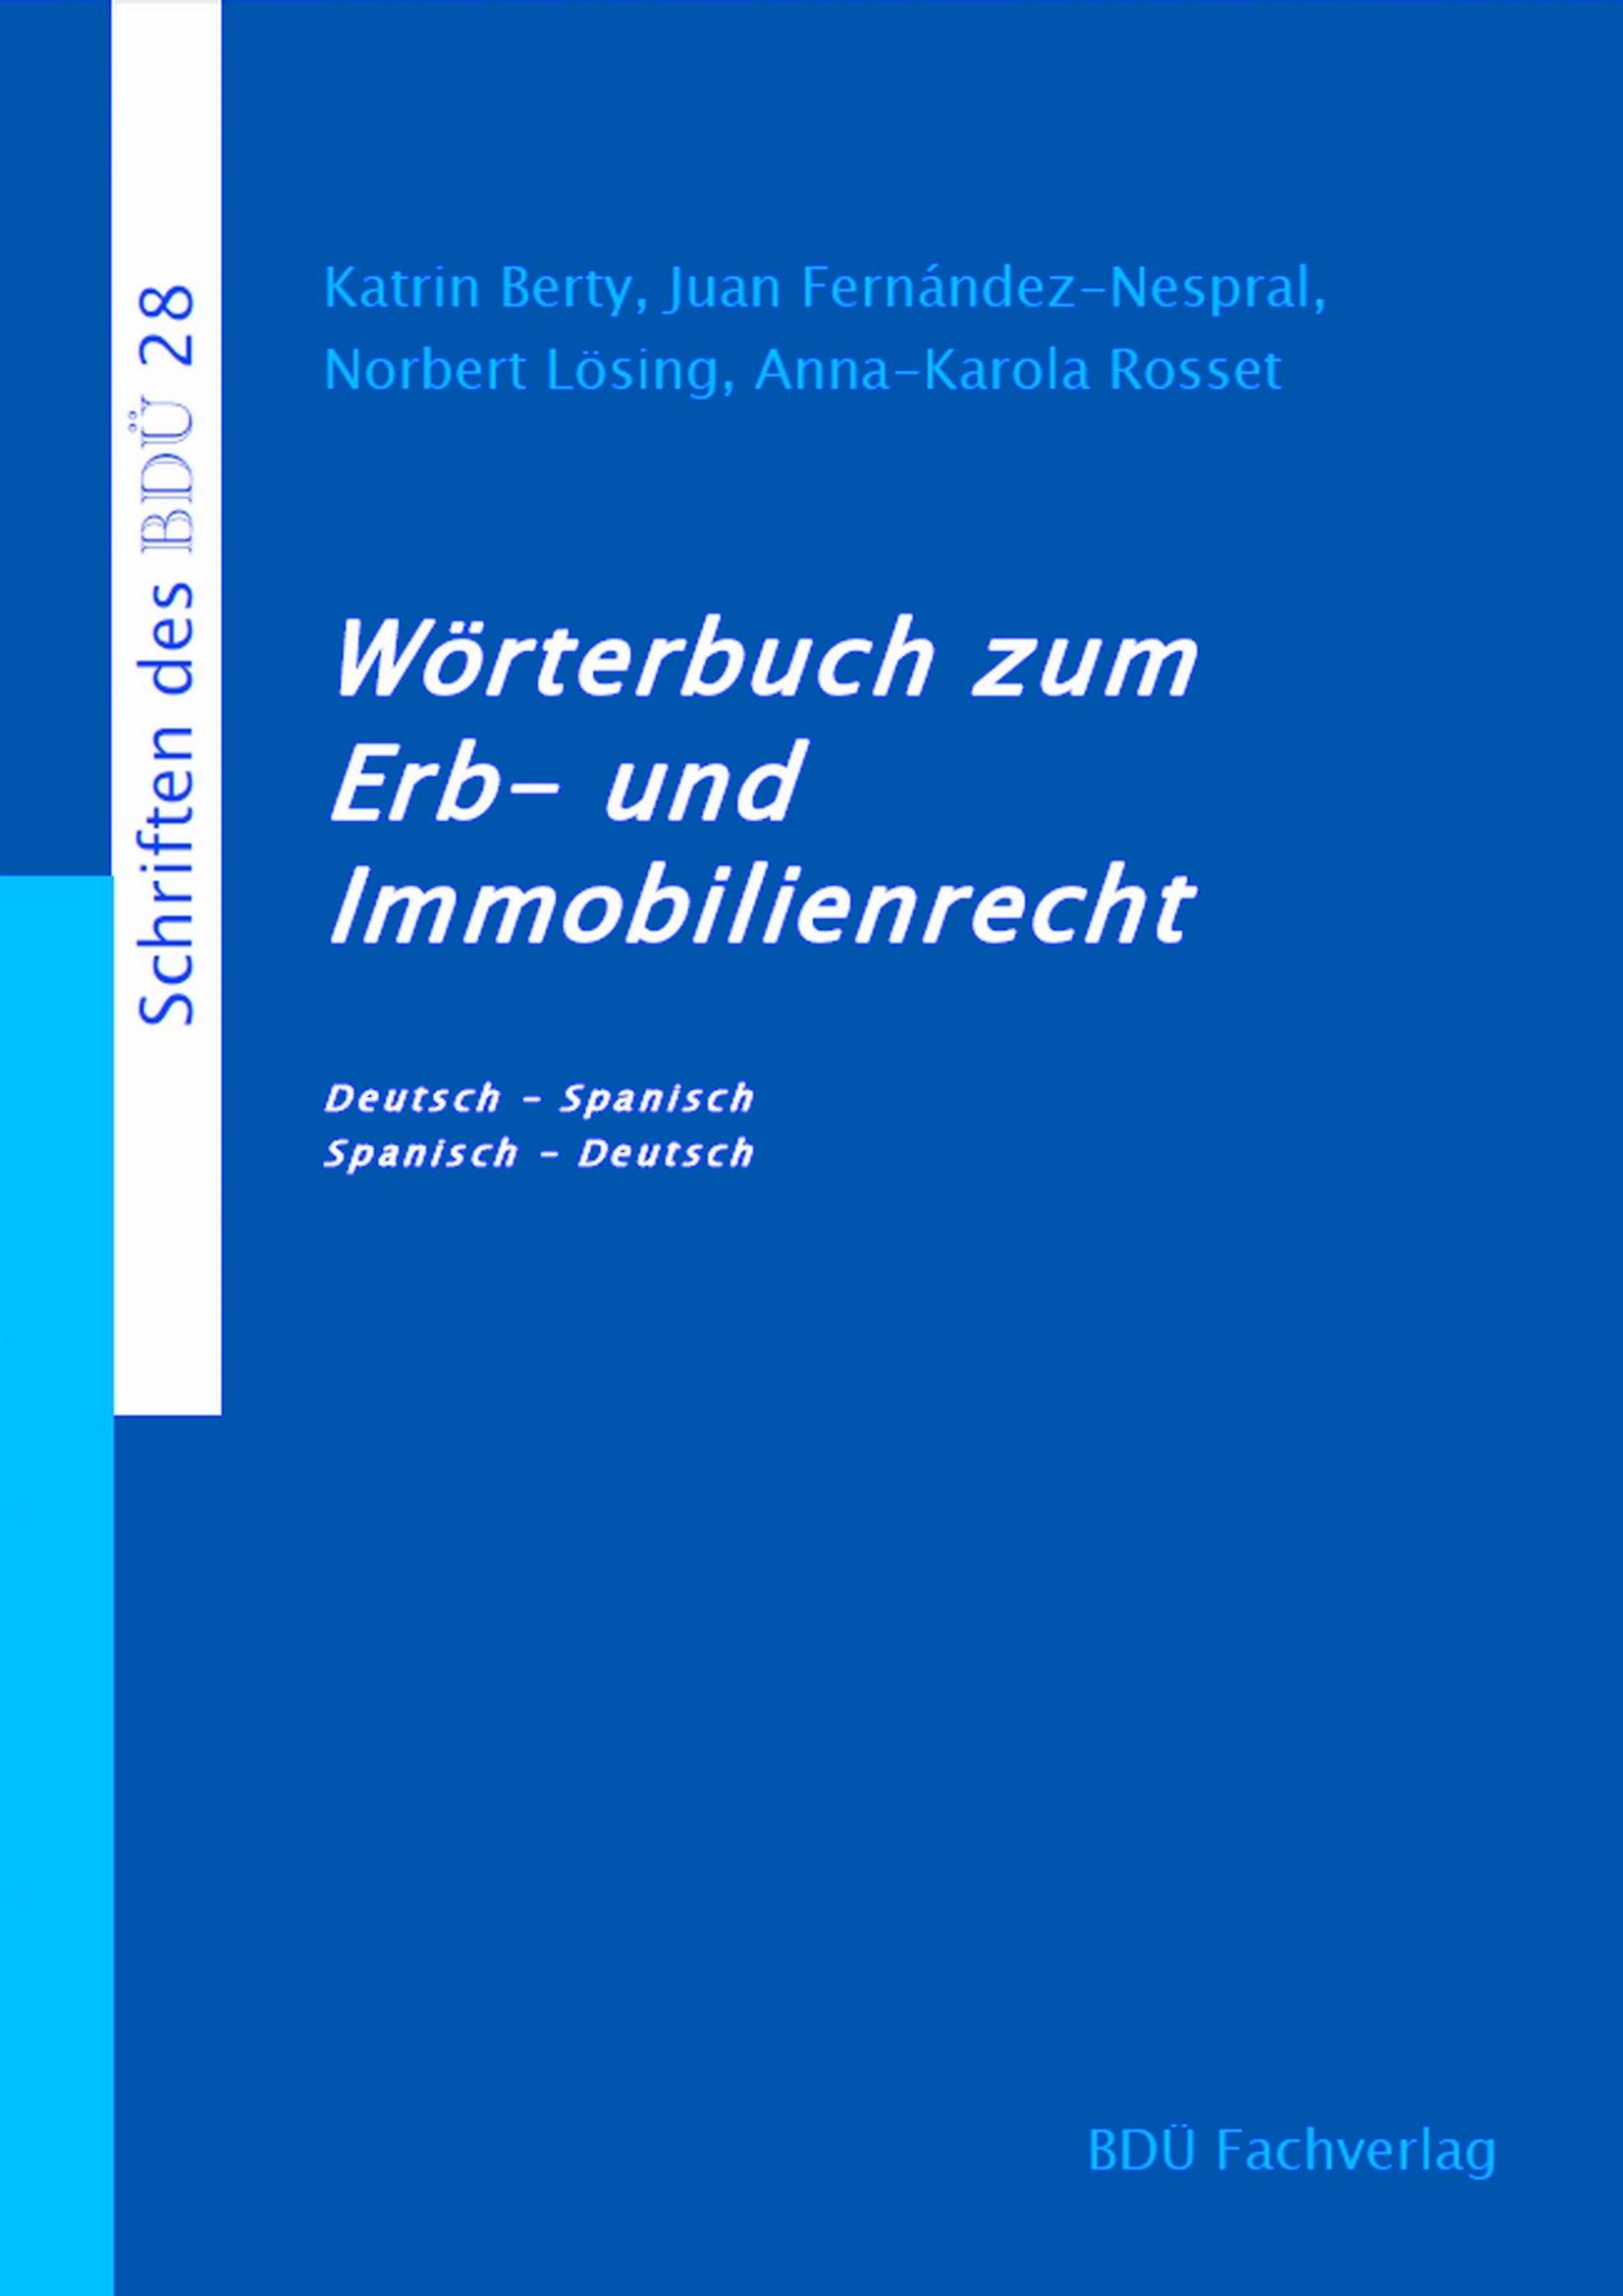 Wörterbuch zum Erb- und Immobilienrecht